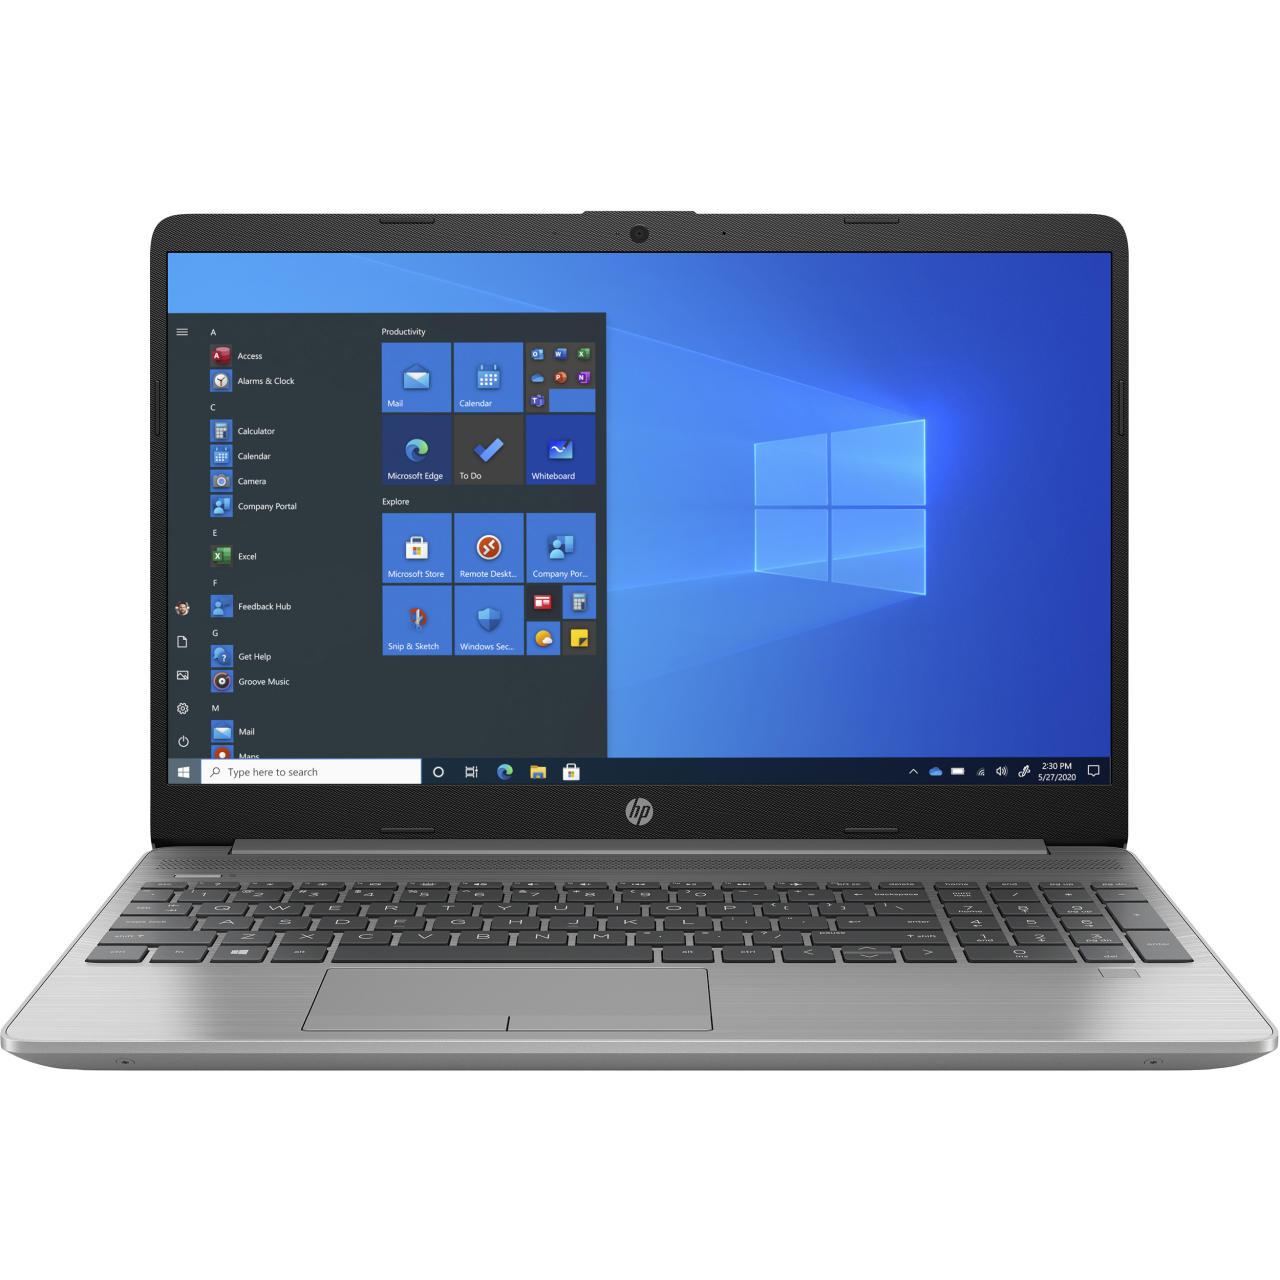 لپ تاپ 15.6 اینچی اچپی مدل HP 255-G8